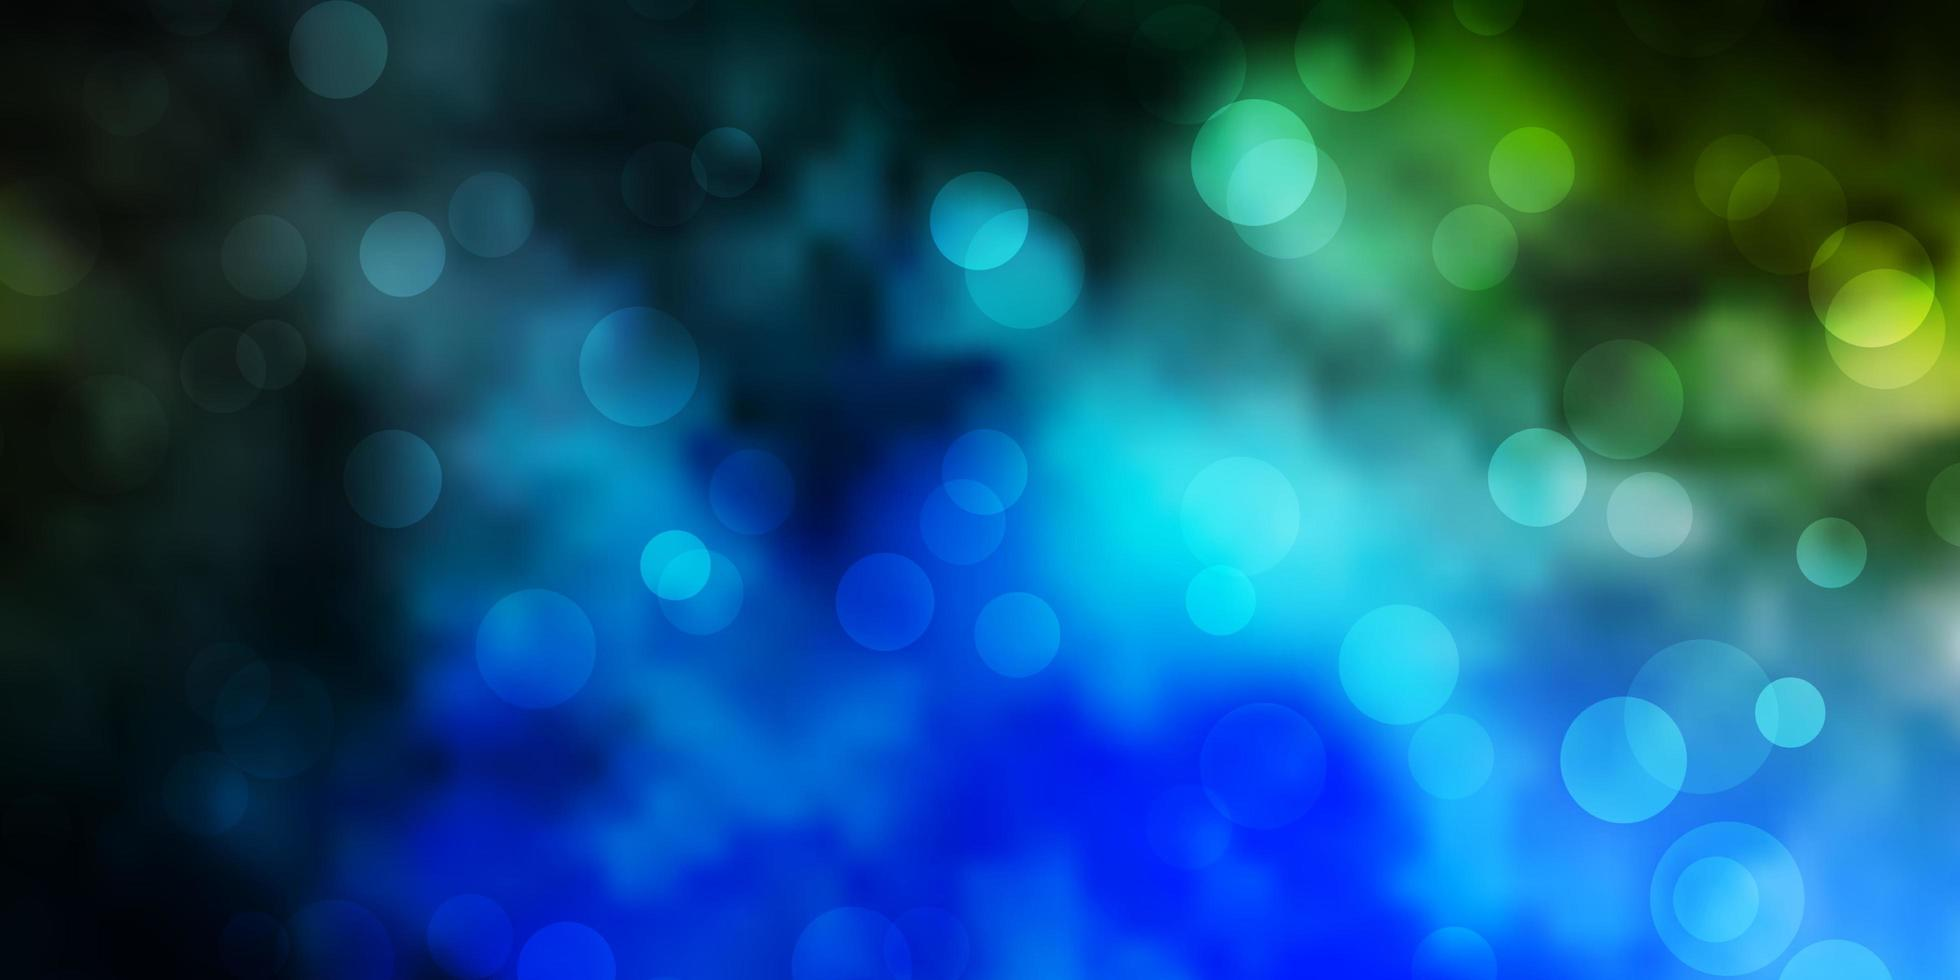 dunkelblauer, grüner Vektorhintergrund mit Blasen. vektor